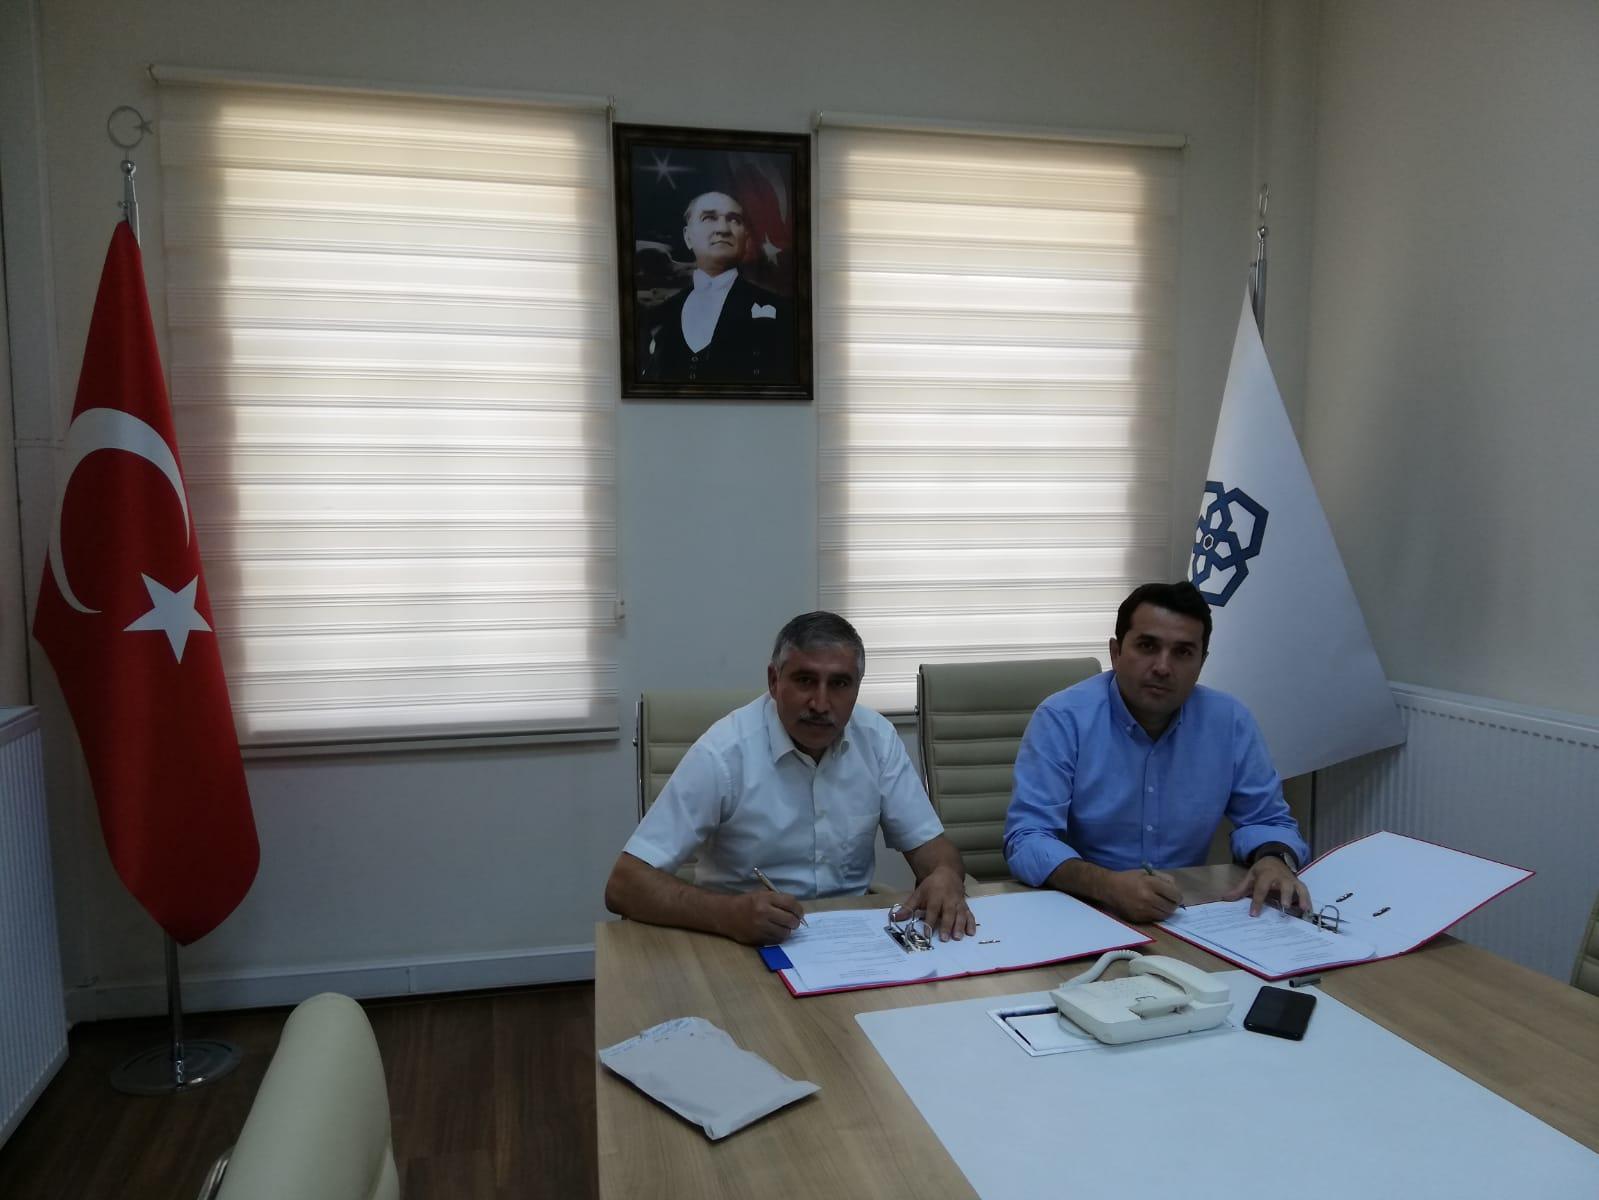 Oka İle Teknik Destek Proje Sözleşmesi İmzalandı.